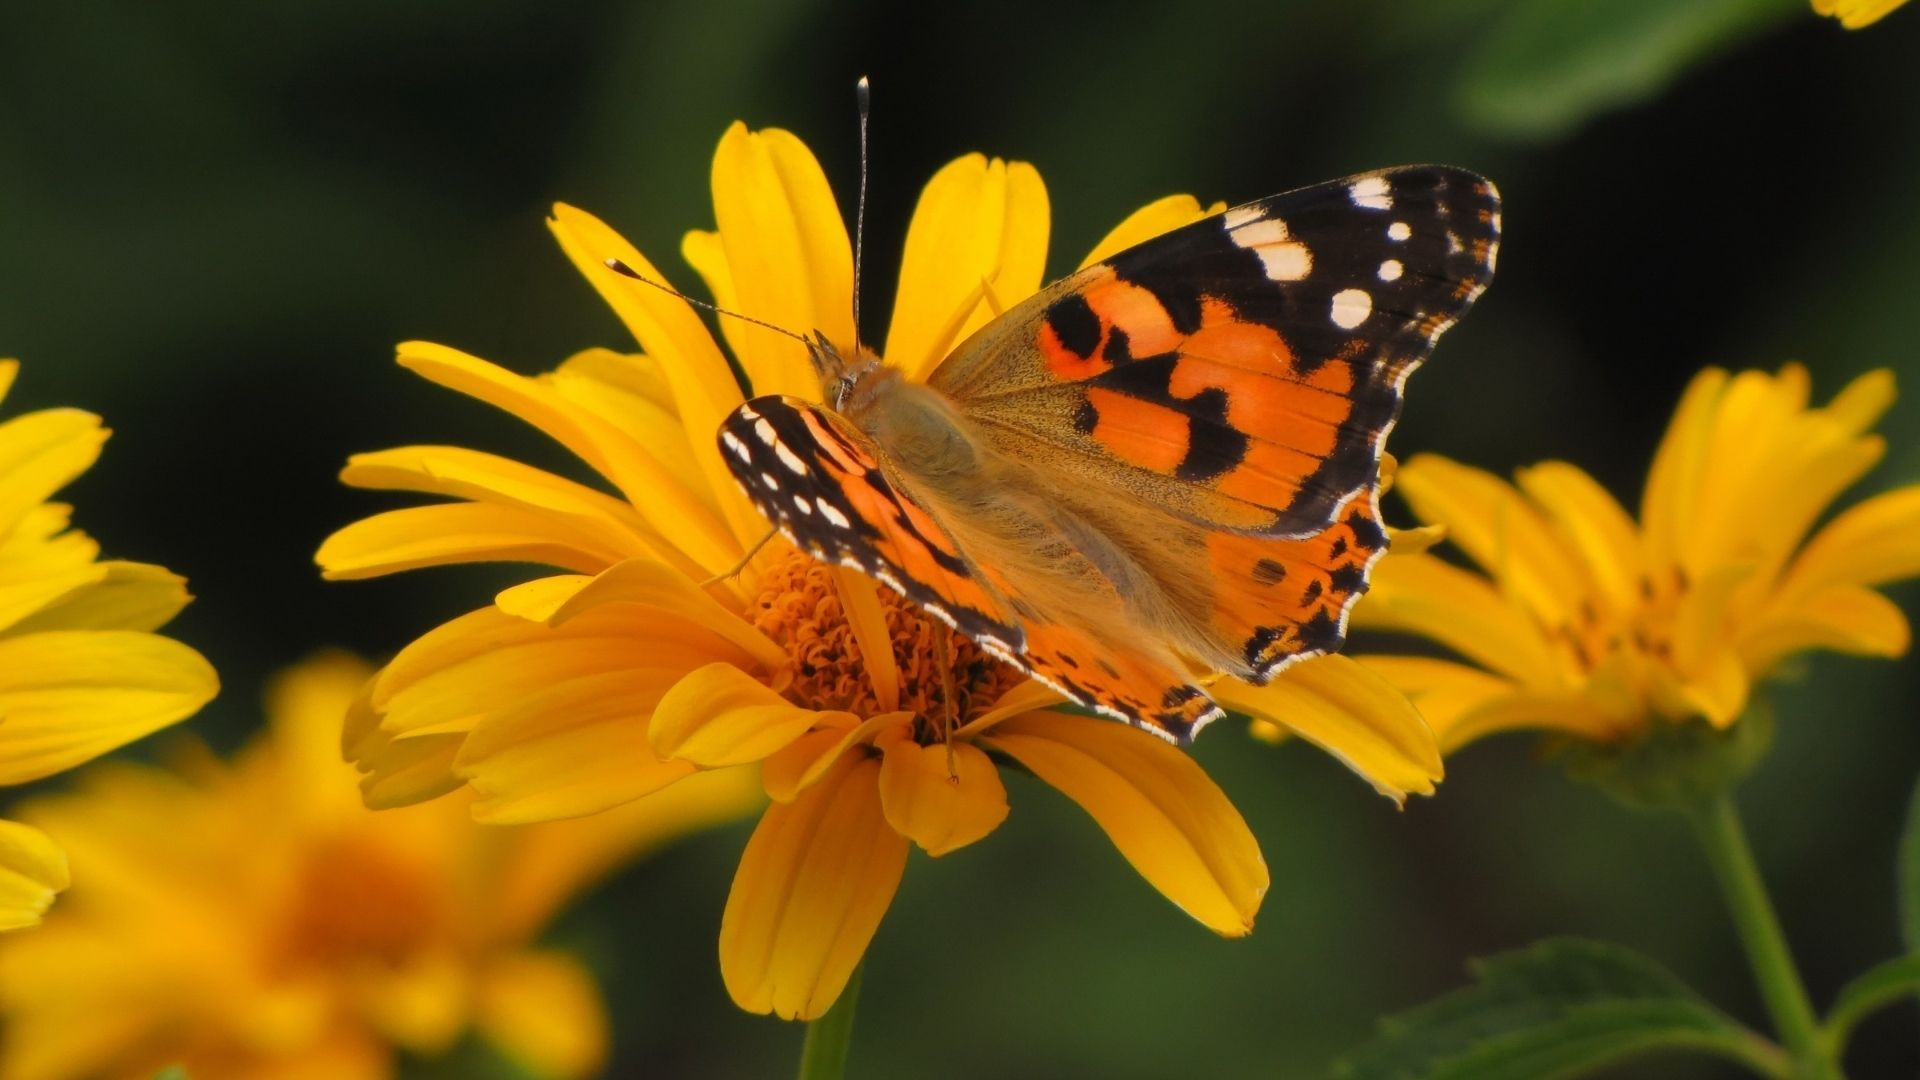 1920x1080 Tải xuống miễn phí Con bướm mùa hè Hình nền máy tính Full HD 1080p [1920x1080] cho Máy tính để bàn, Di động & Máy tính bảng của bạn.  Khám phá Hình ảnh miễn phí Hình nền mùa hè 1080P.  Hình nền mùa hè miễn phí 1024x768, độ phân giải cao mùa hè